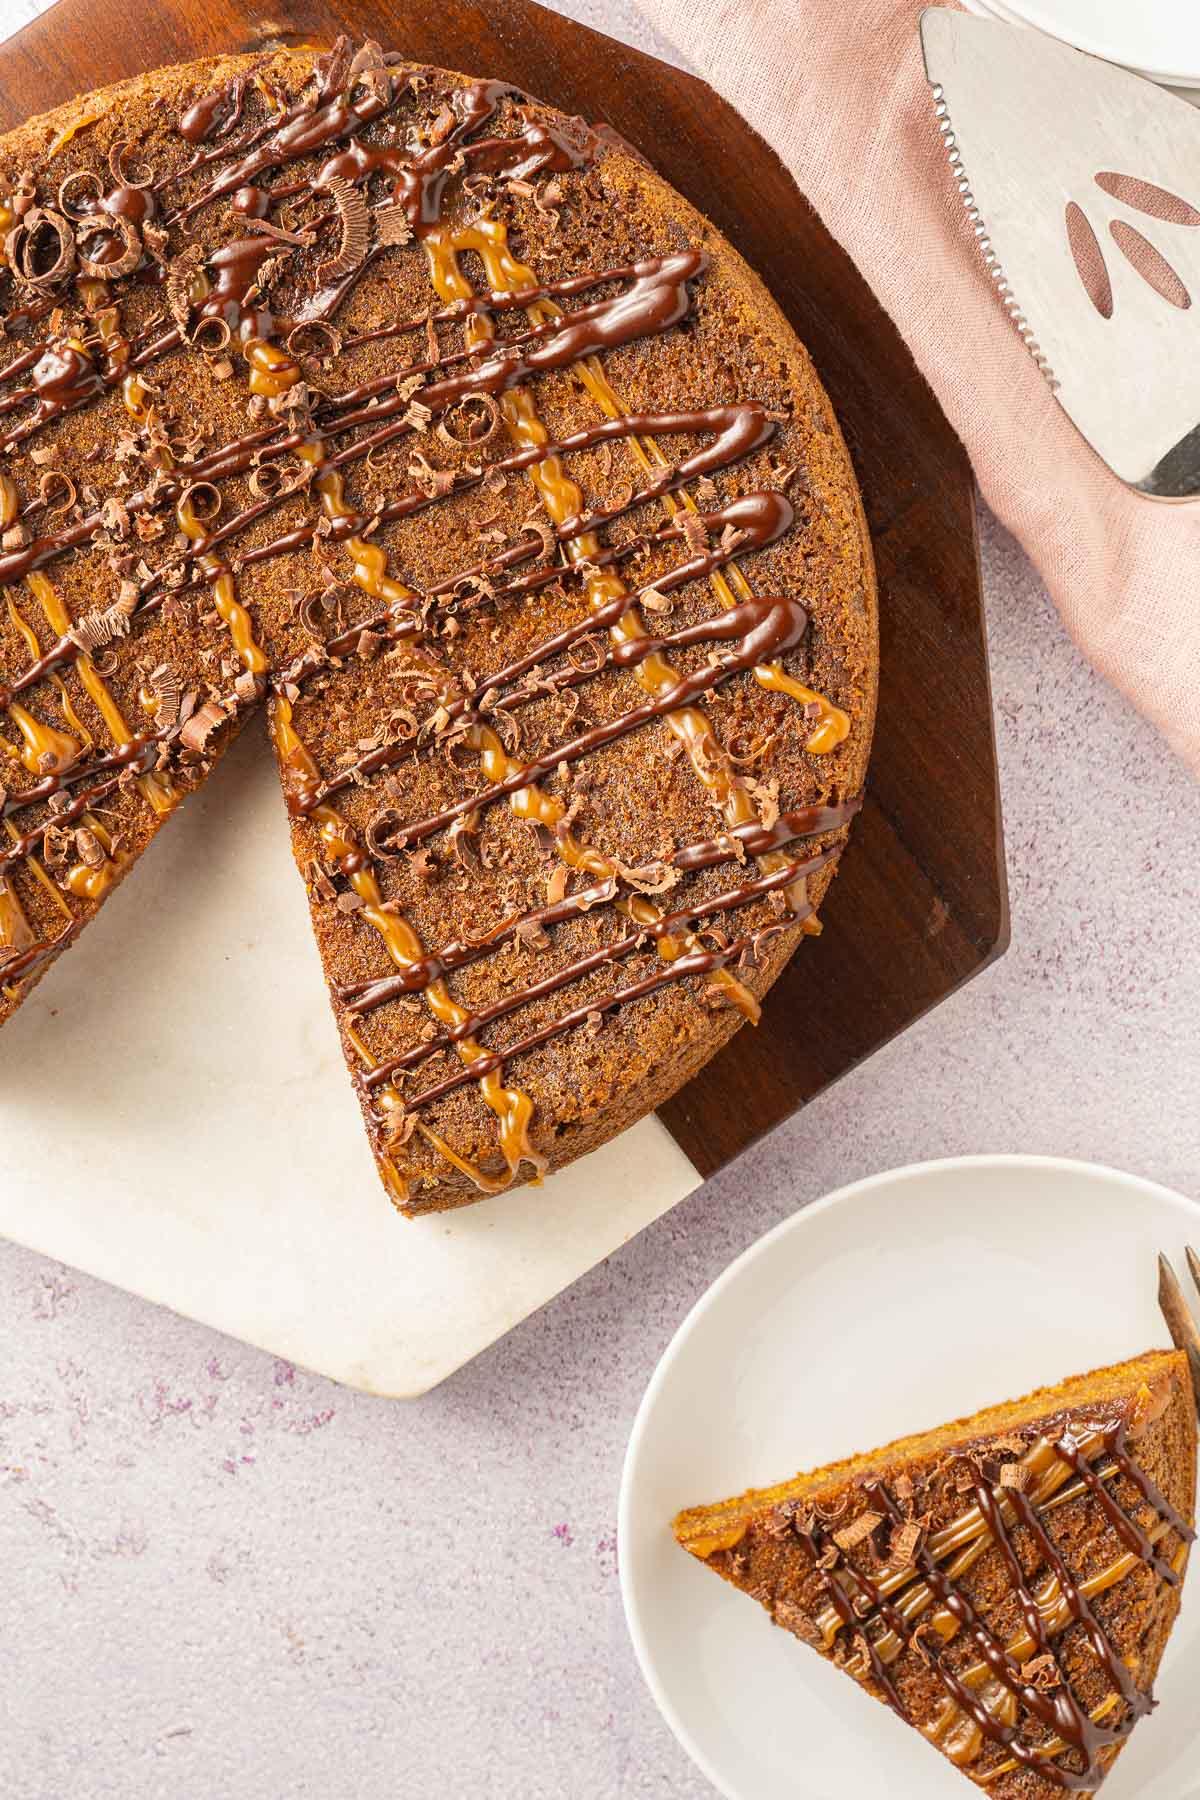 keto peanut butter cake on cake platter